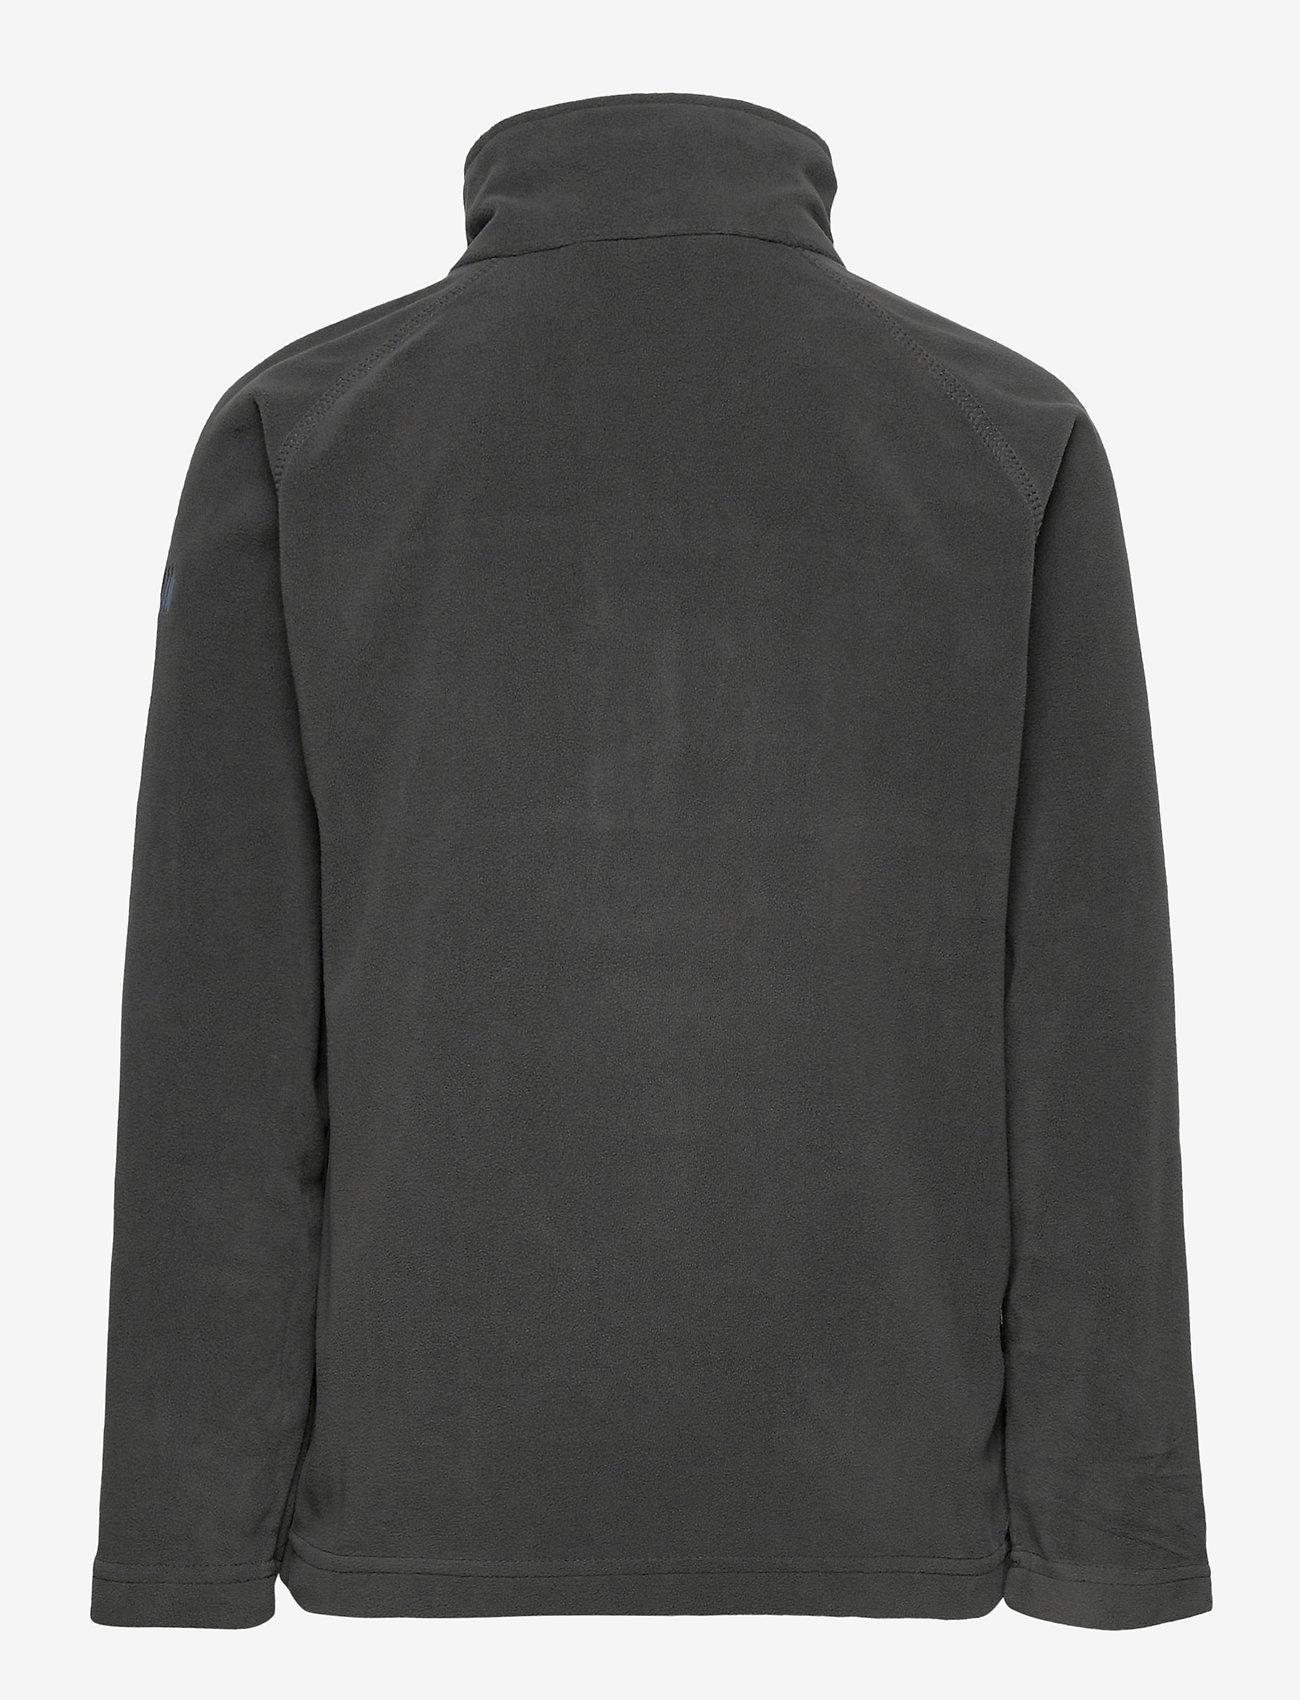 Skogstad - Bondalen Microfleece half-zip - fleecetøj - dark grey - 1